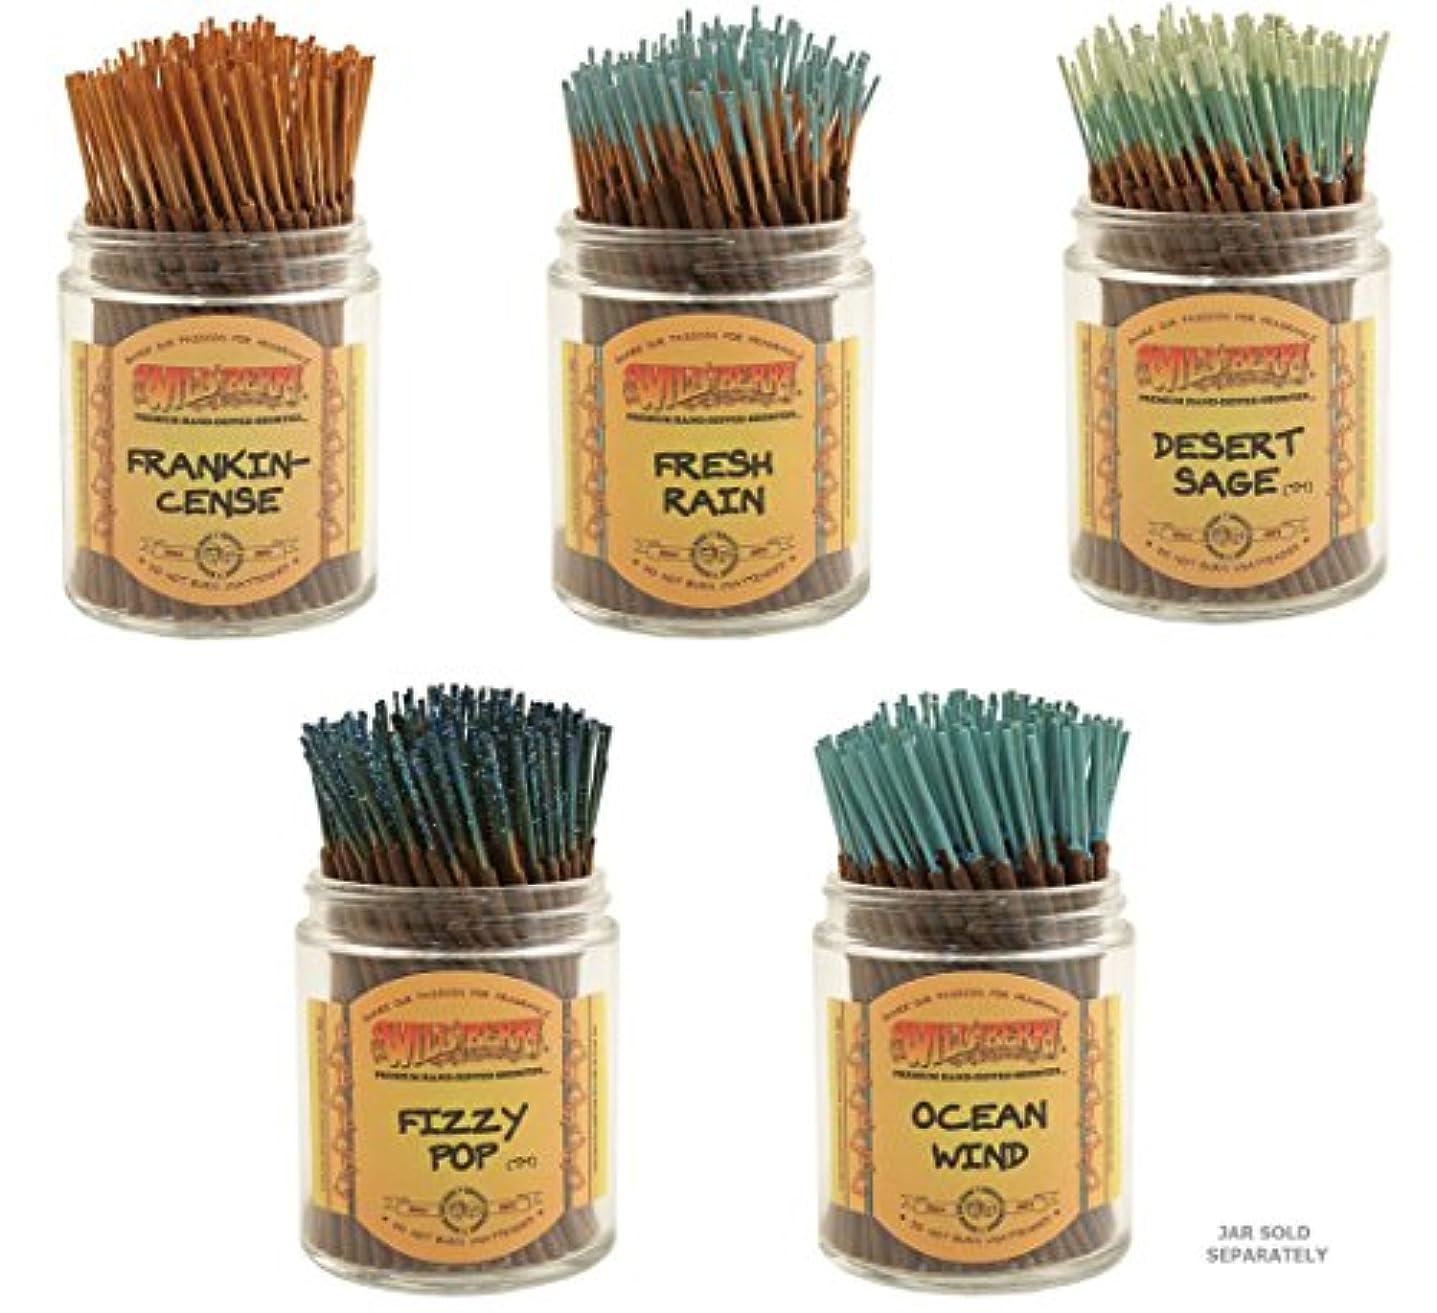 想像する爆発物ただやるWildberry Short Incense Sticks – Set of 5秋Fragrances – 砂漠セージ、Fizzy Pop , Frankincenseフレッシュ、雨、海洋風( 100各パック、合計500...